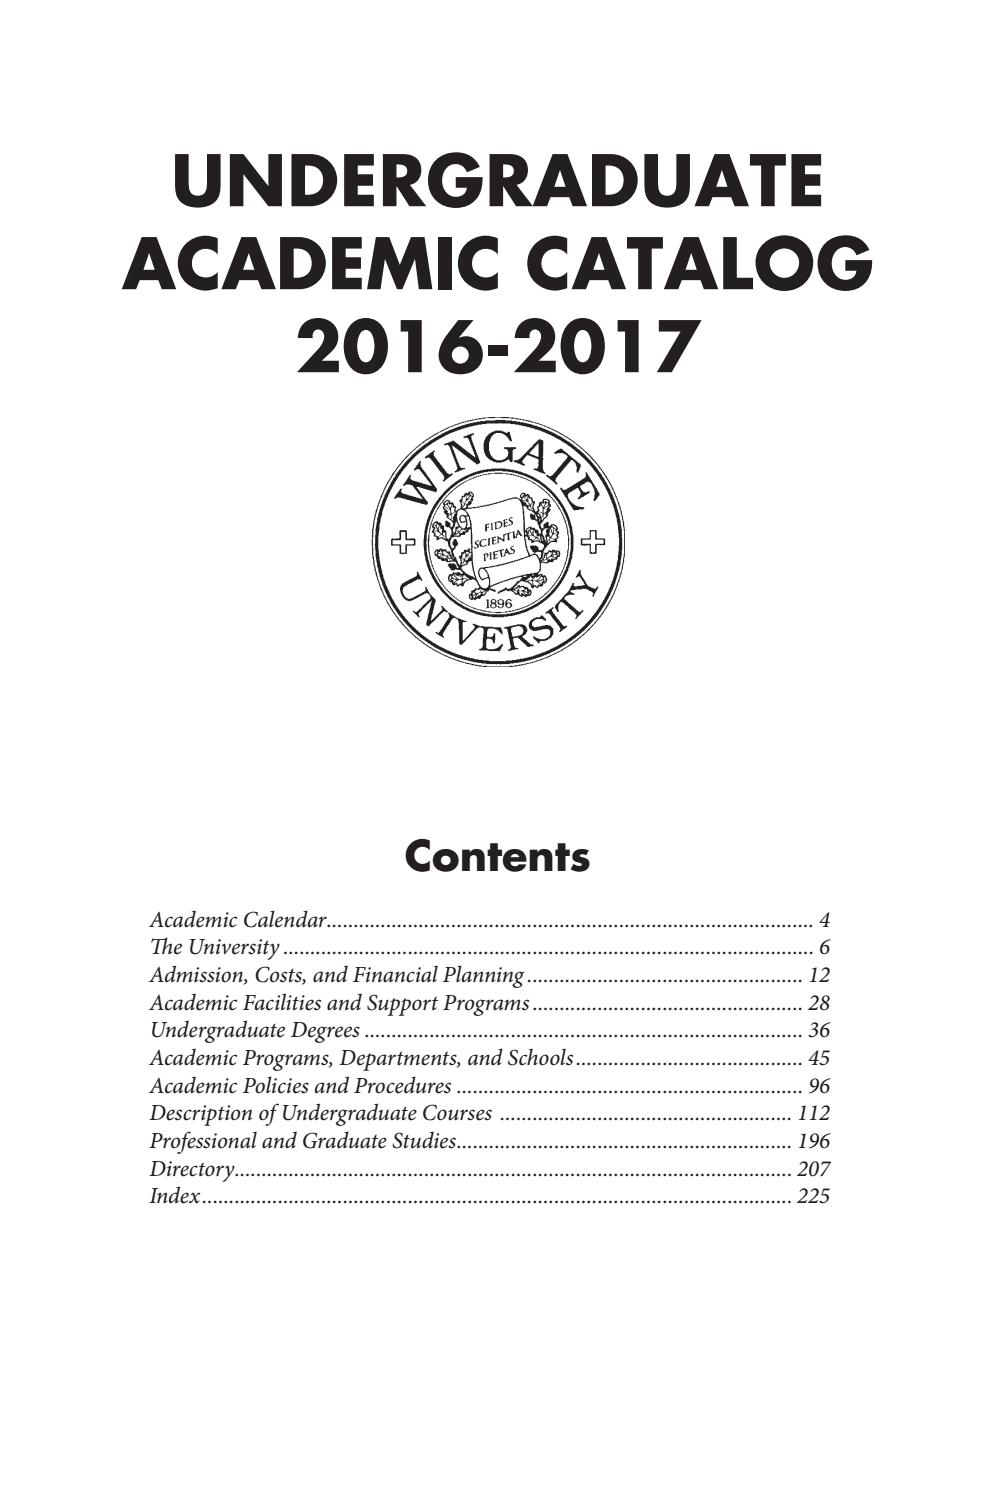 2016 17 Undergraduate Catalogwingate University - Issuu For East Carolina University Holiday Calendar